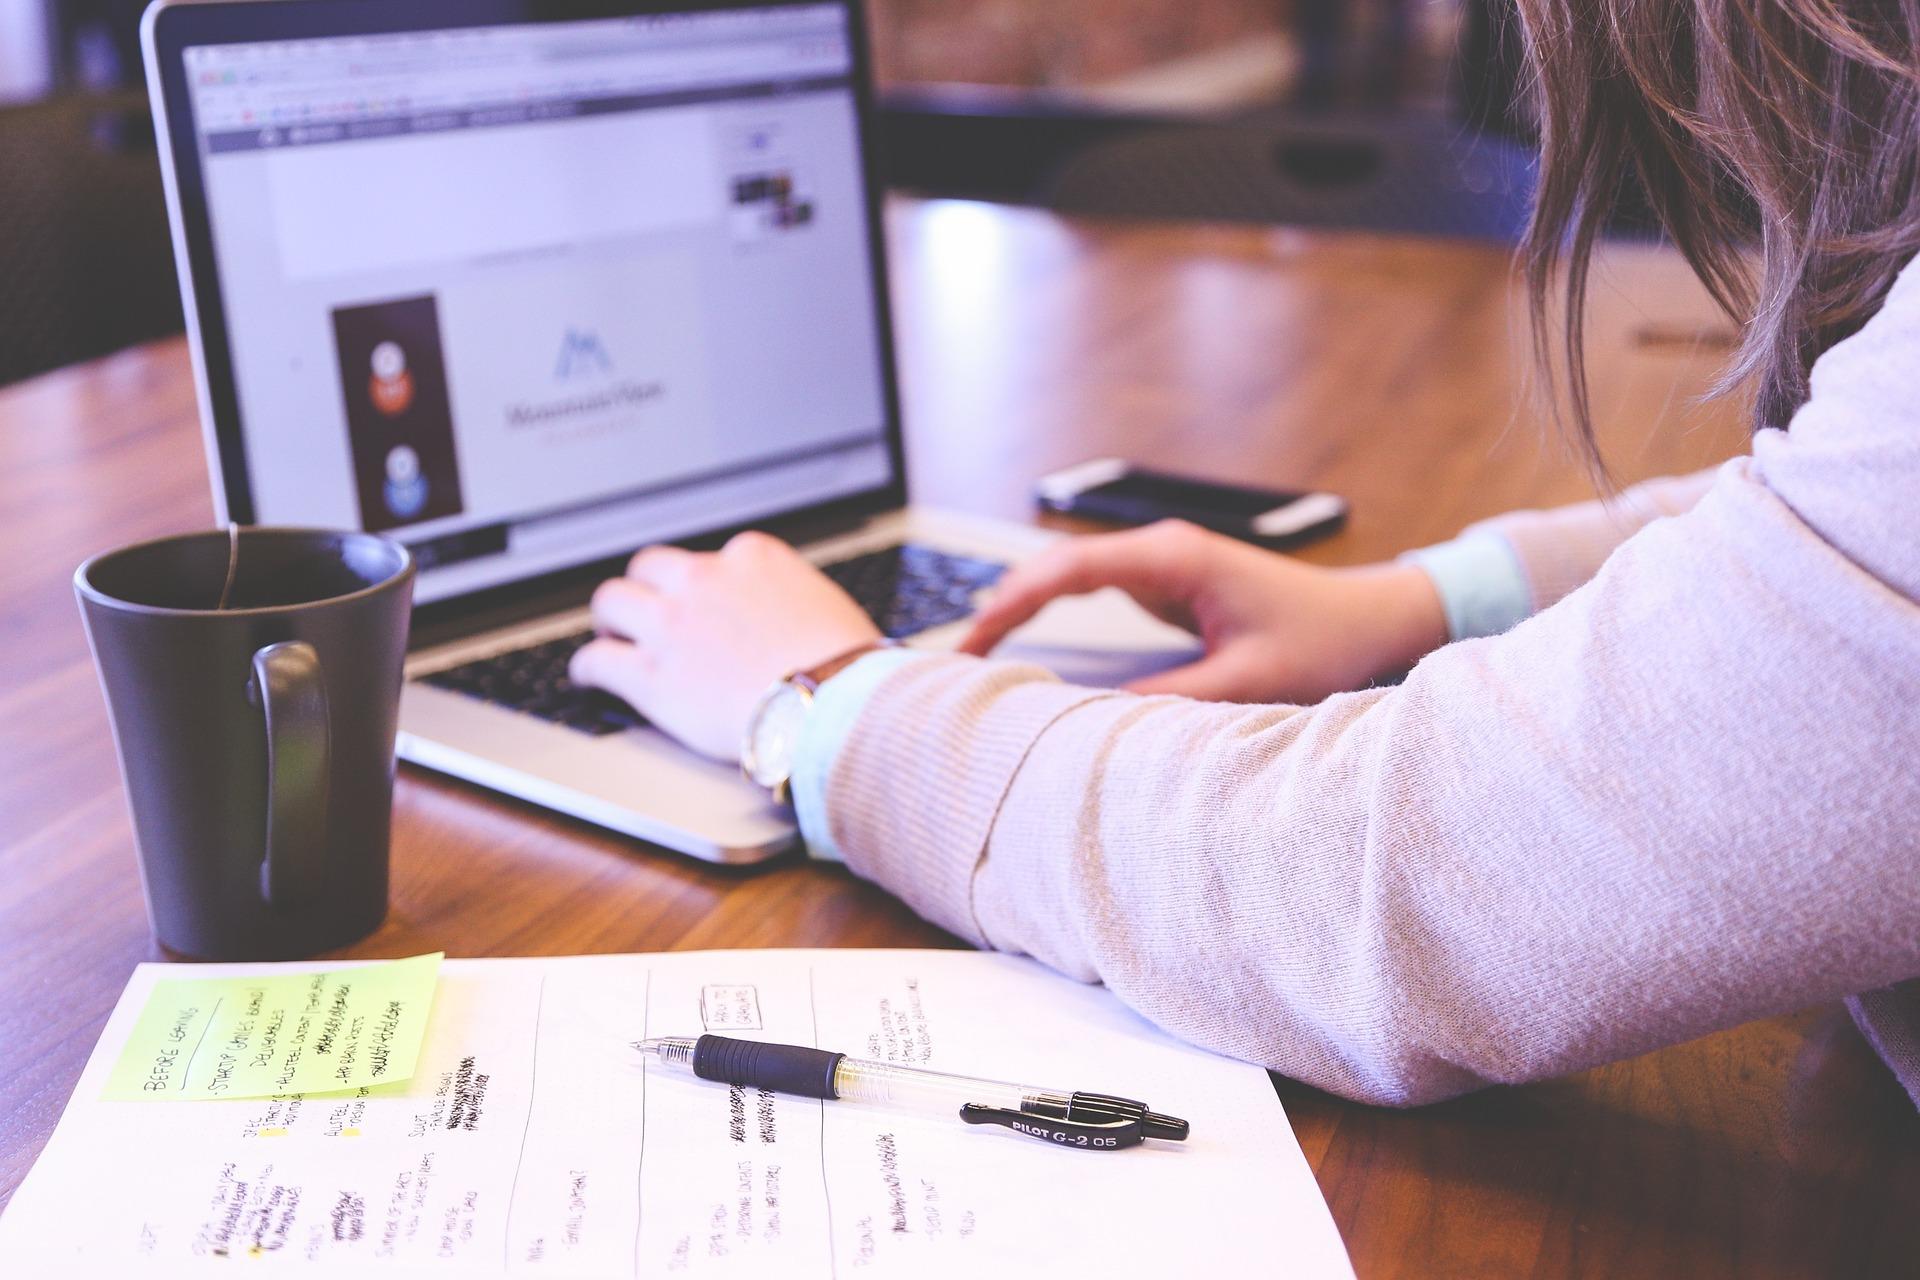 Création d'entreprise pour les jeunes, les points forts à retenir